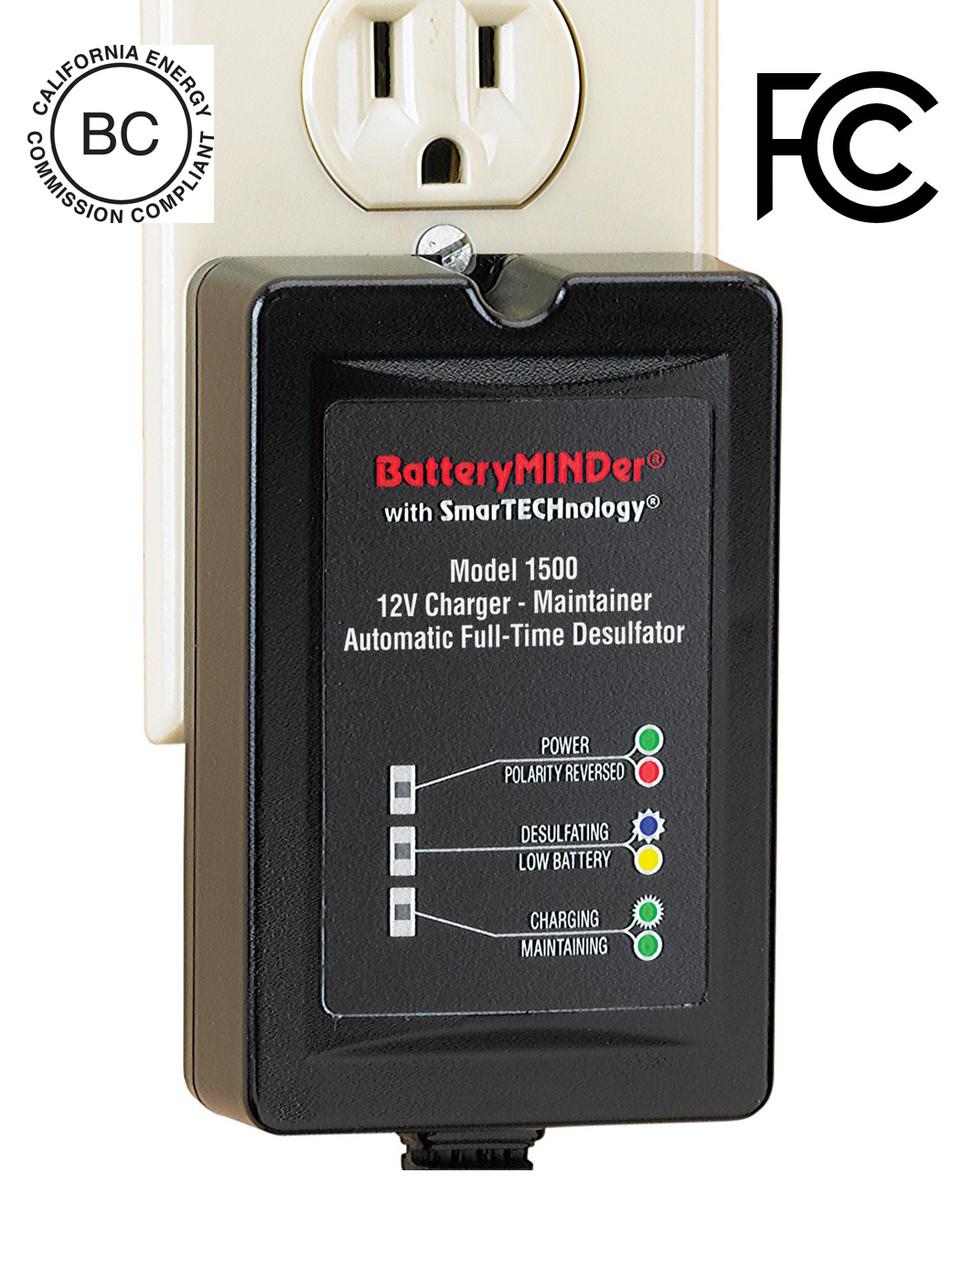 Batteryminder 1500 12 Volt Maintenance Charger Desulfator Upgrading My Rv Battery Bank And System Model 12volt 15 Amp